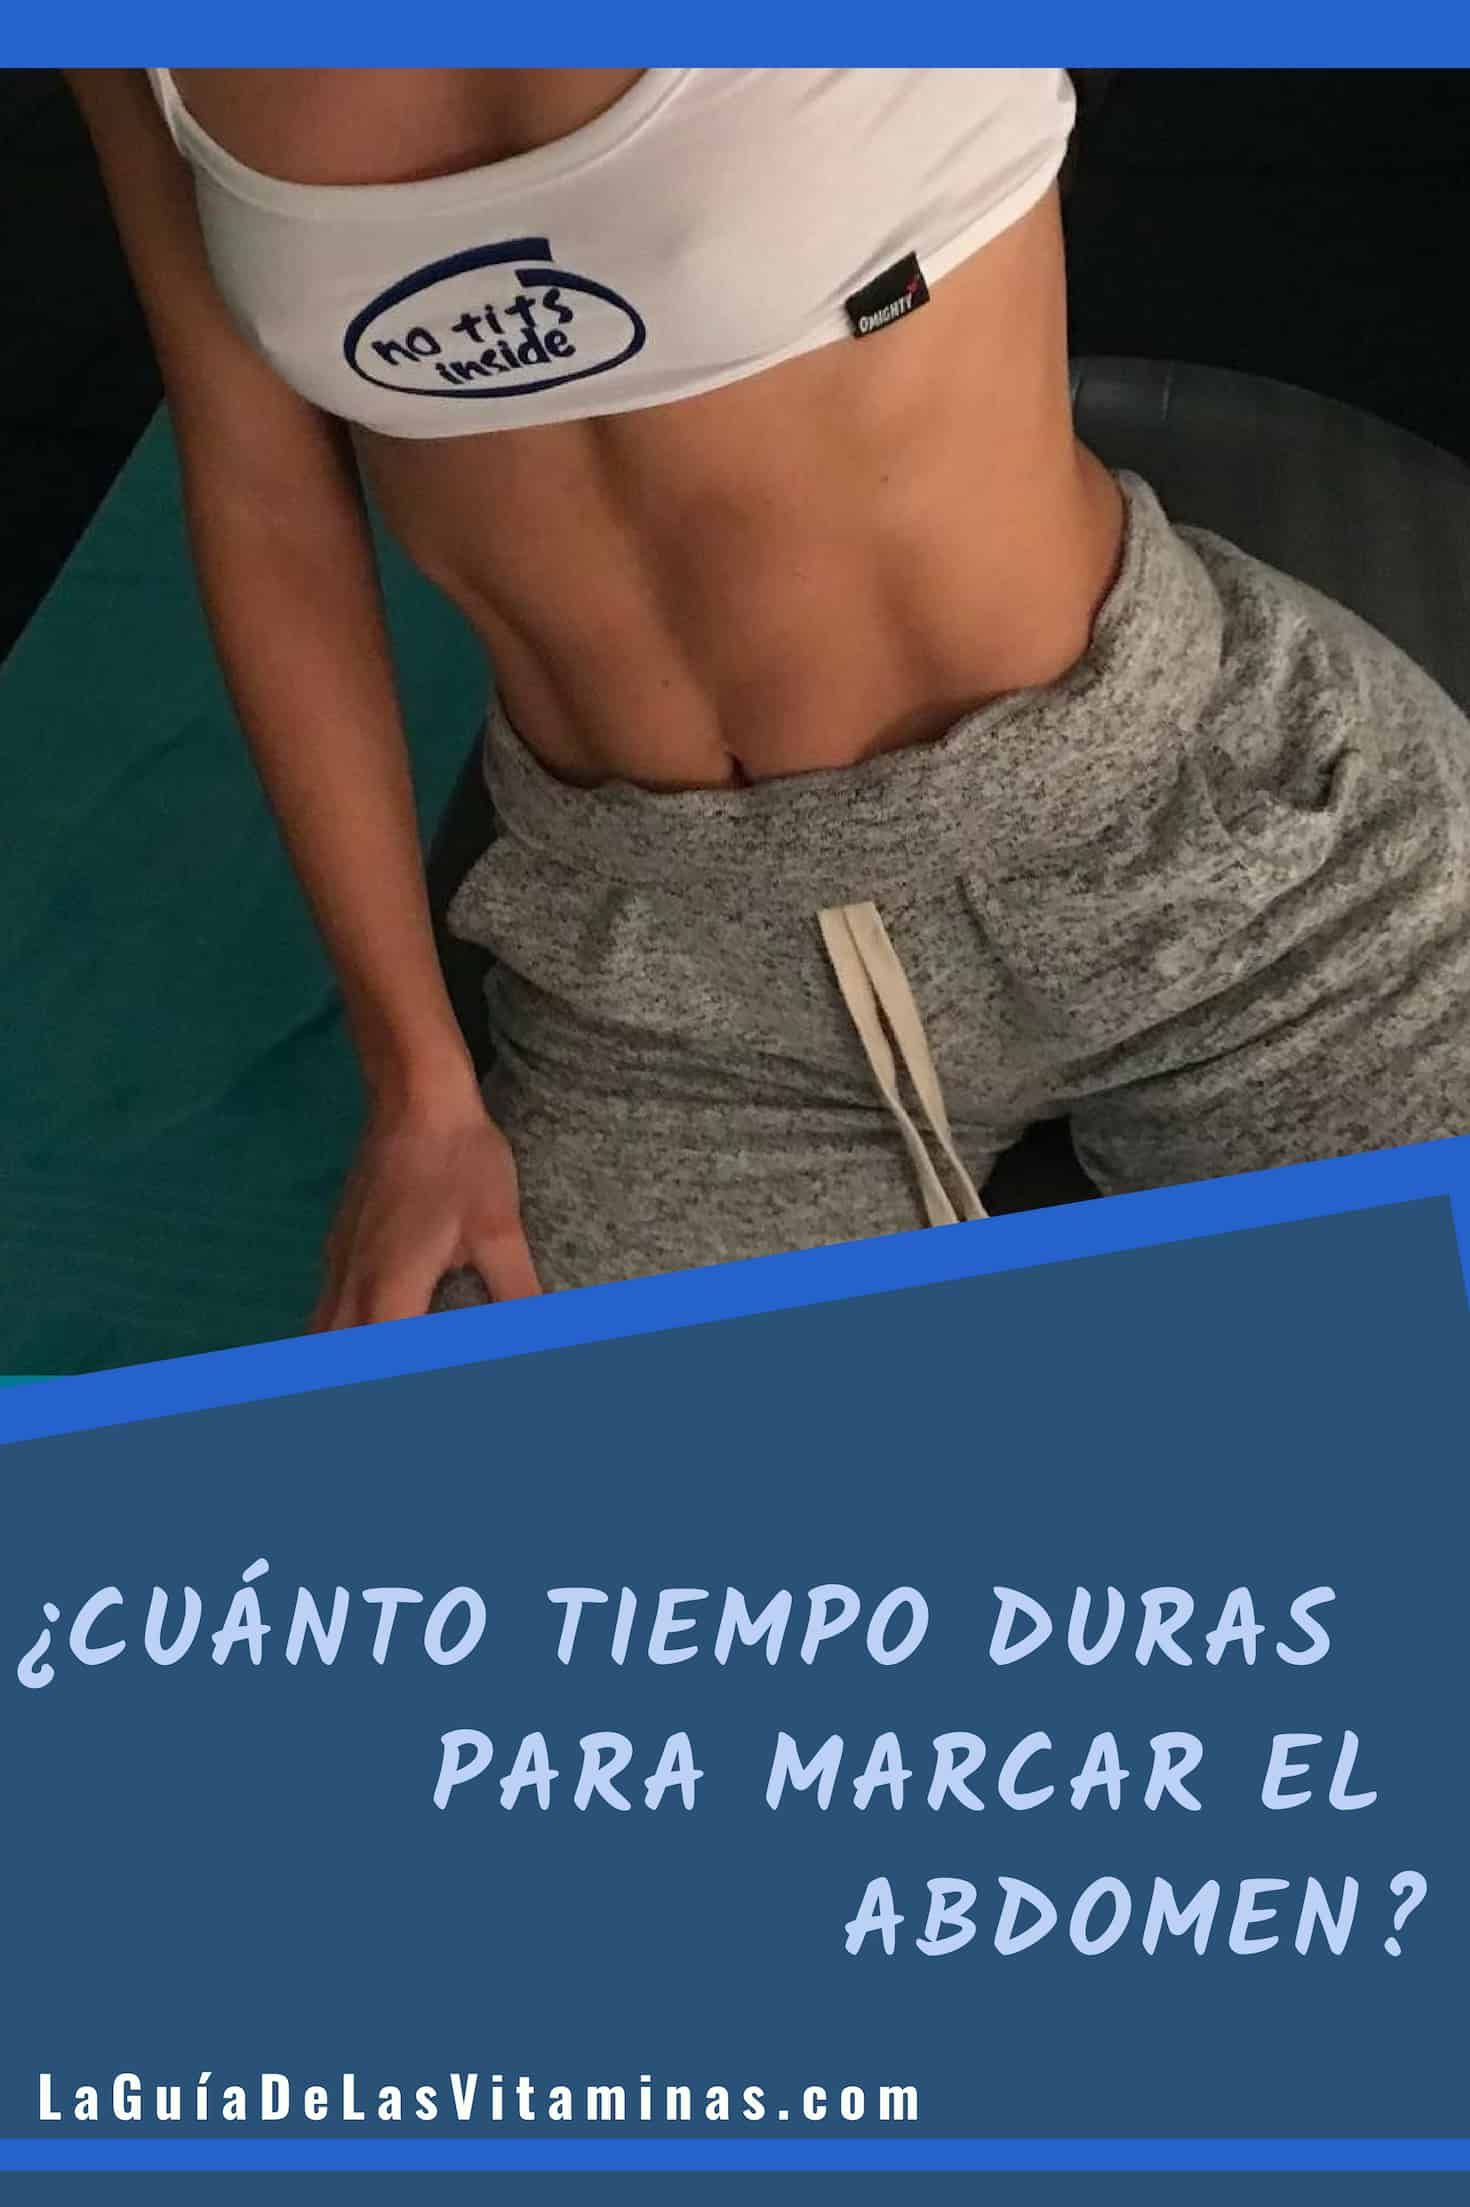 porcentaje de grasa corporal para marcar abdomen